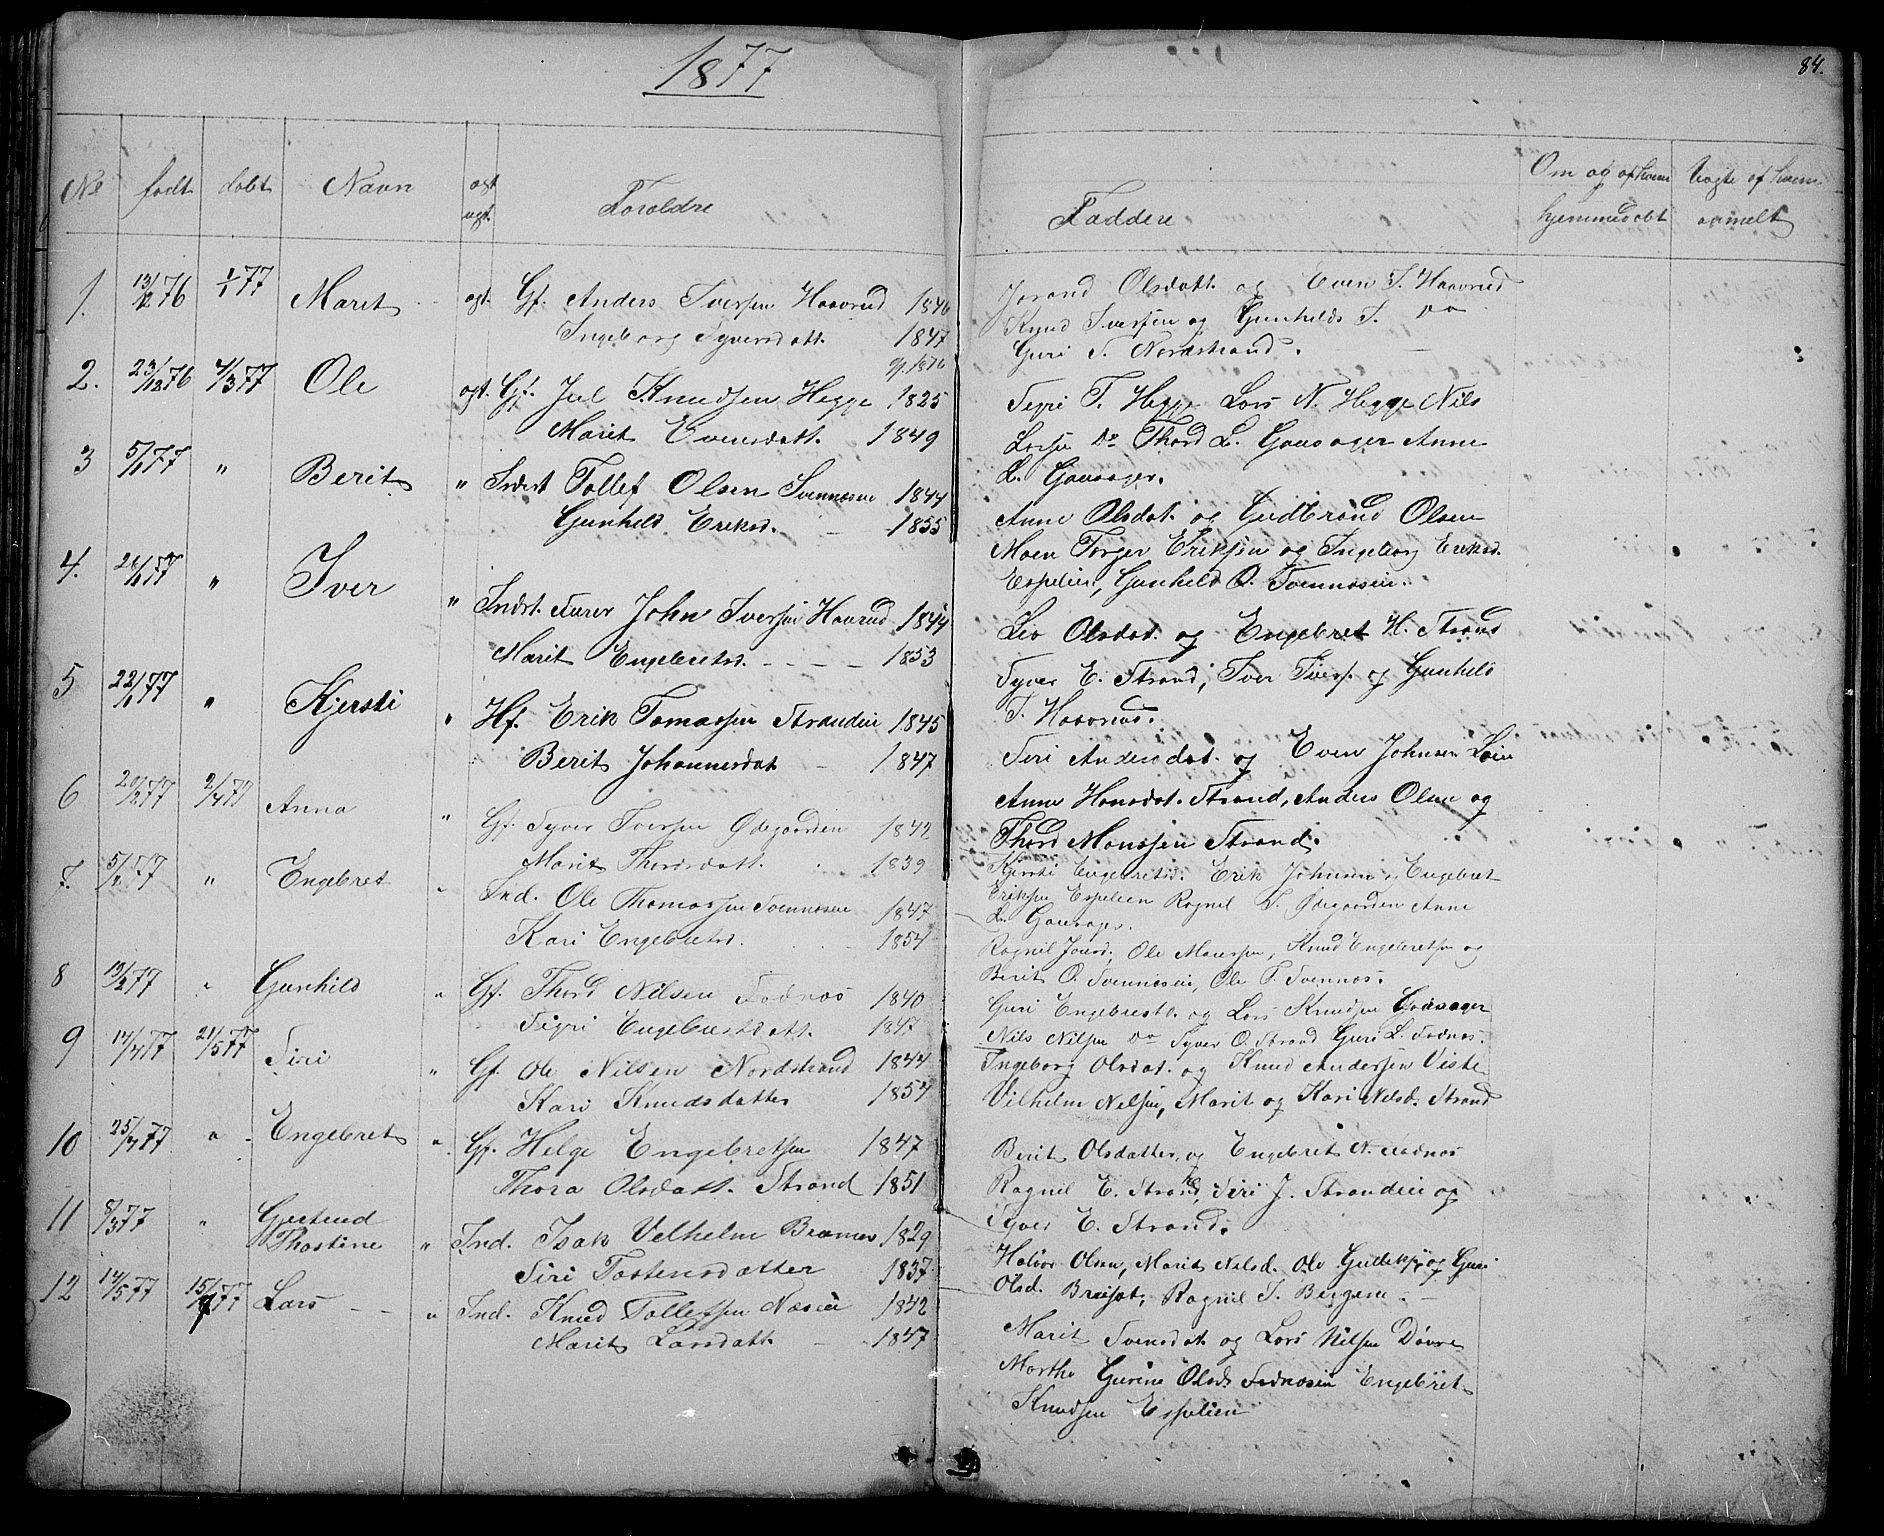 SAH, Nord-Aurdal prestekontor, Klokkerbok nr. 3, 1842-1882, s. 84